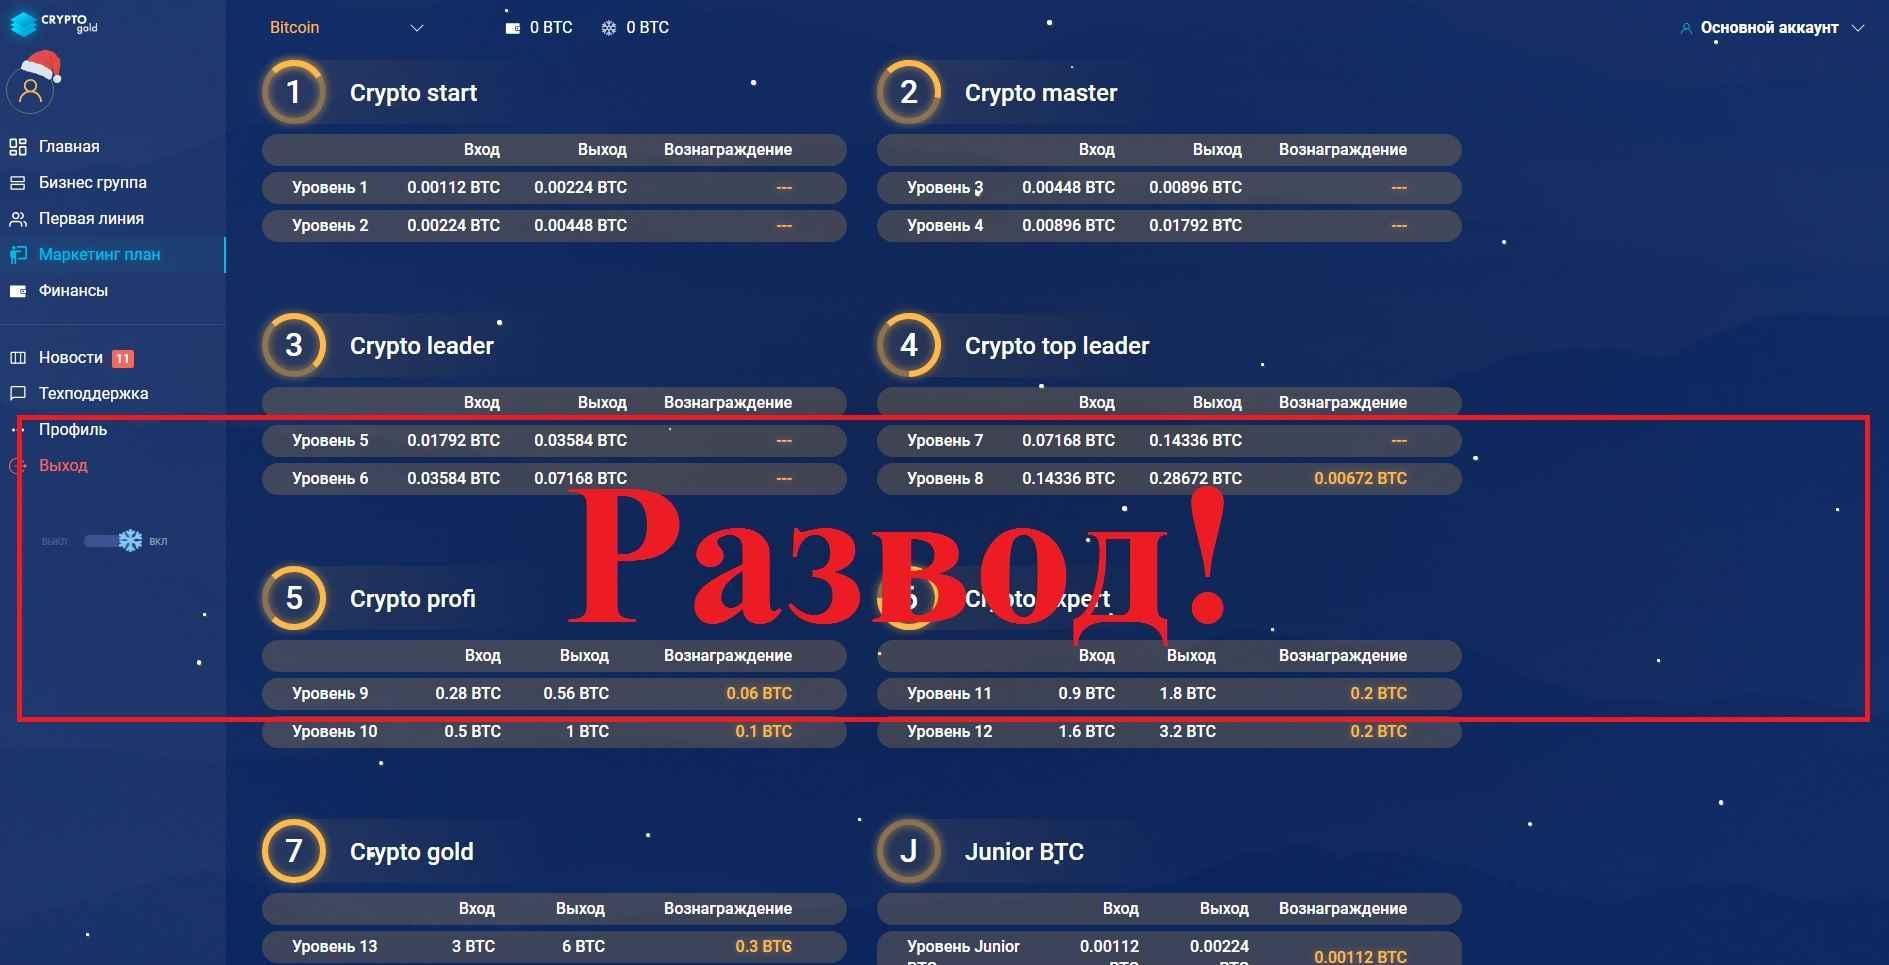 CryptoGold – источник дохода. Отзывы о проекте cryptogold.bz